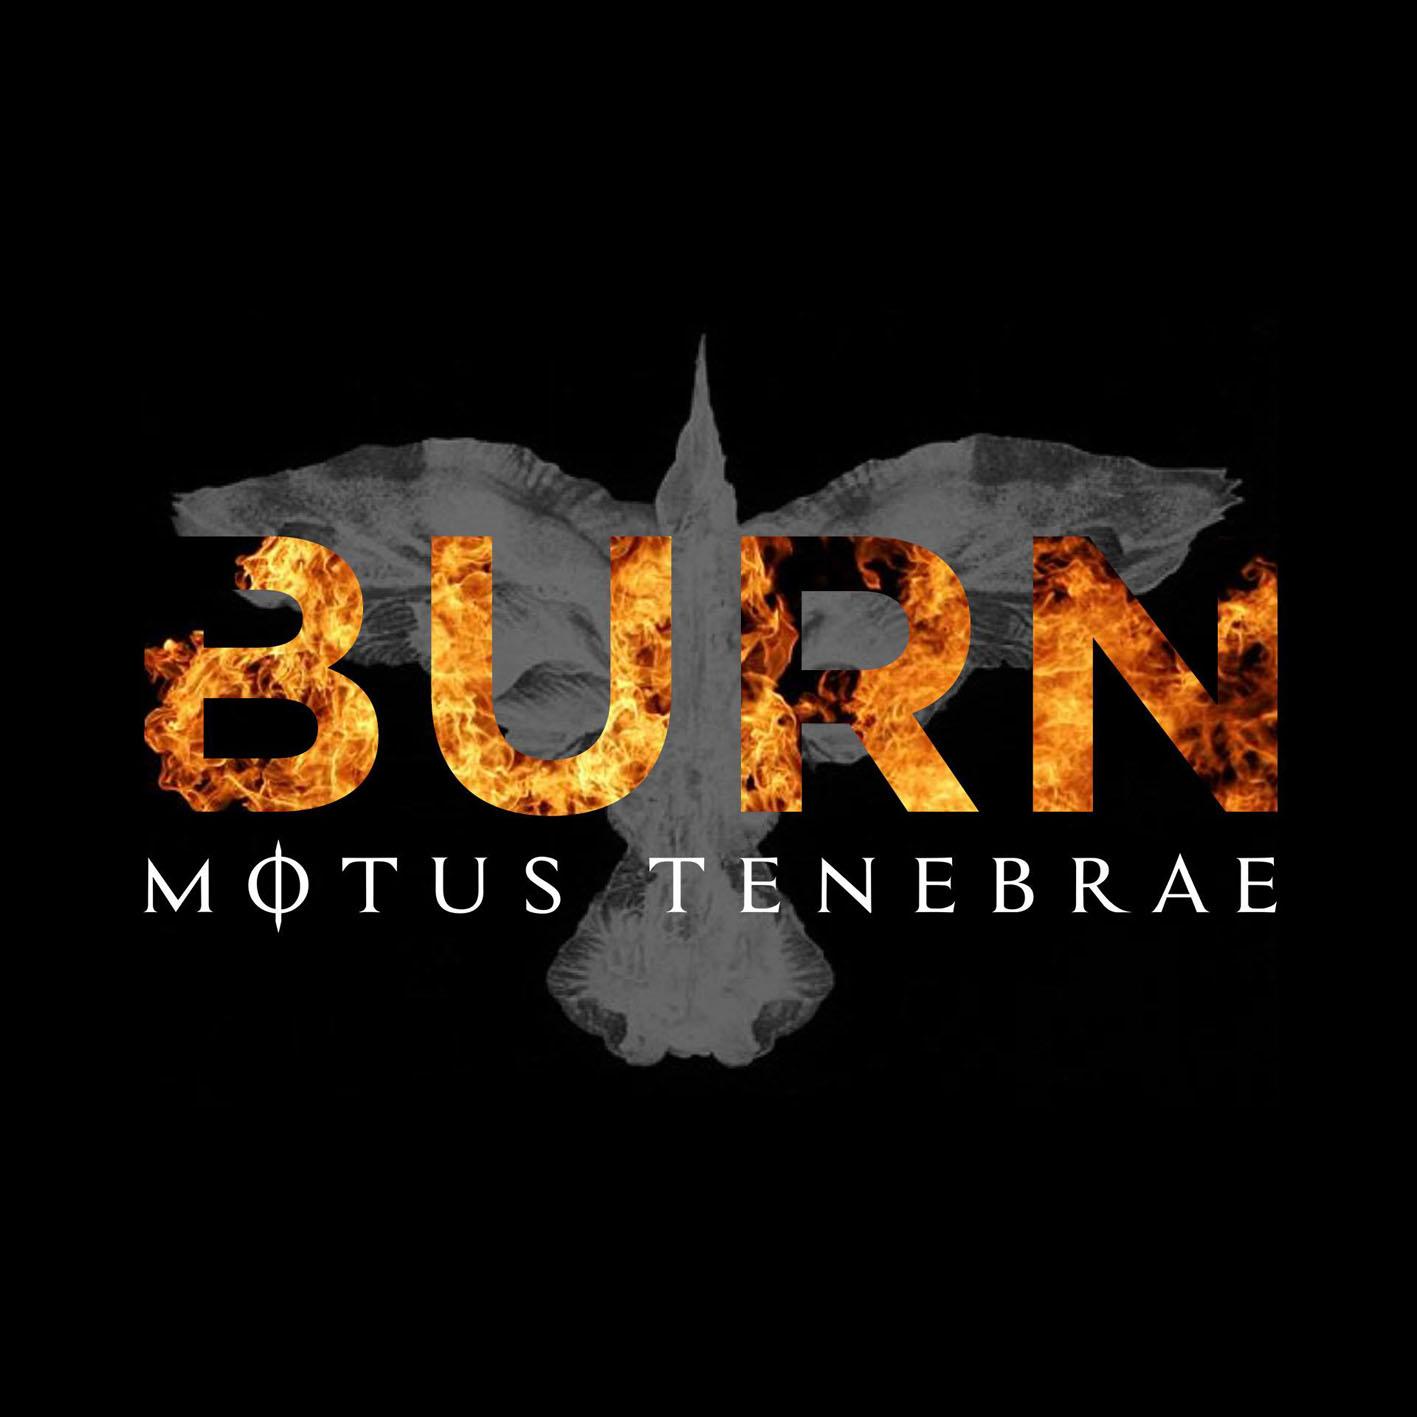 Motus Tenebrae - Burn cover